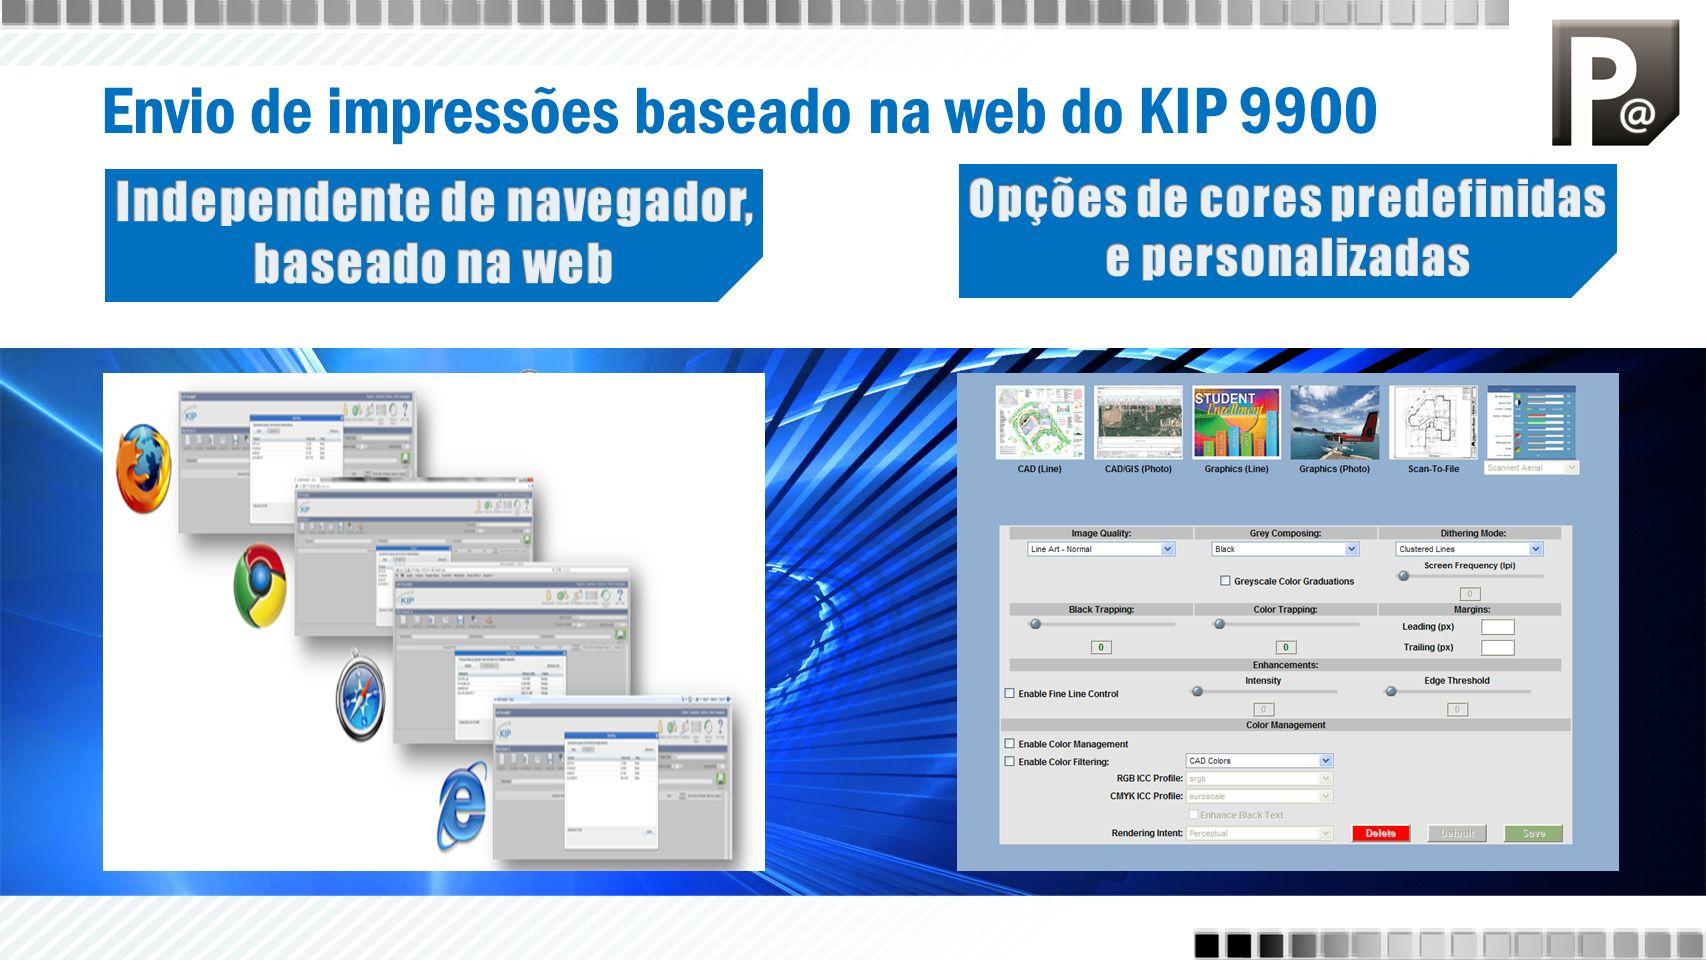 Envio de impressões baseado na web do KIP 9900